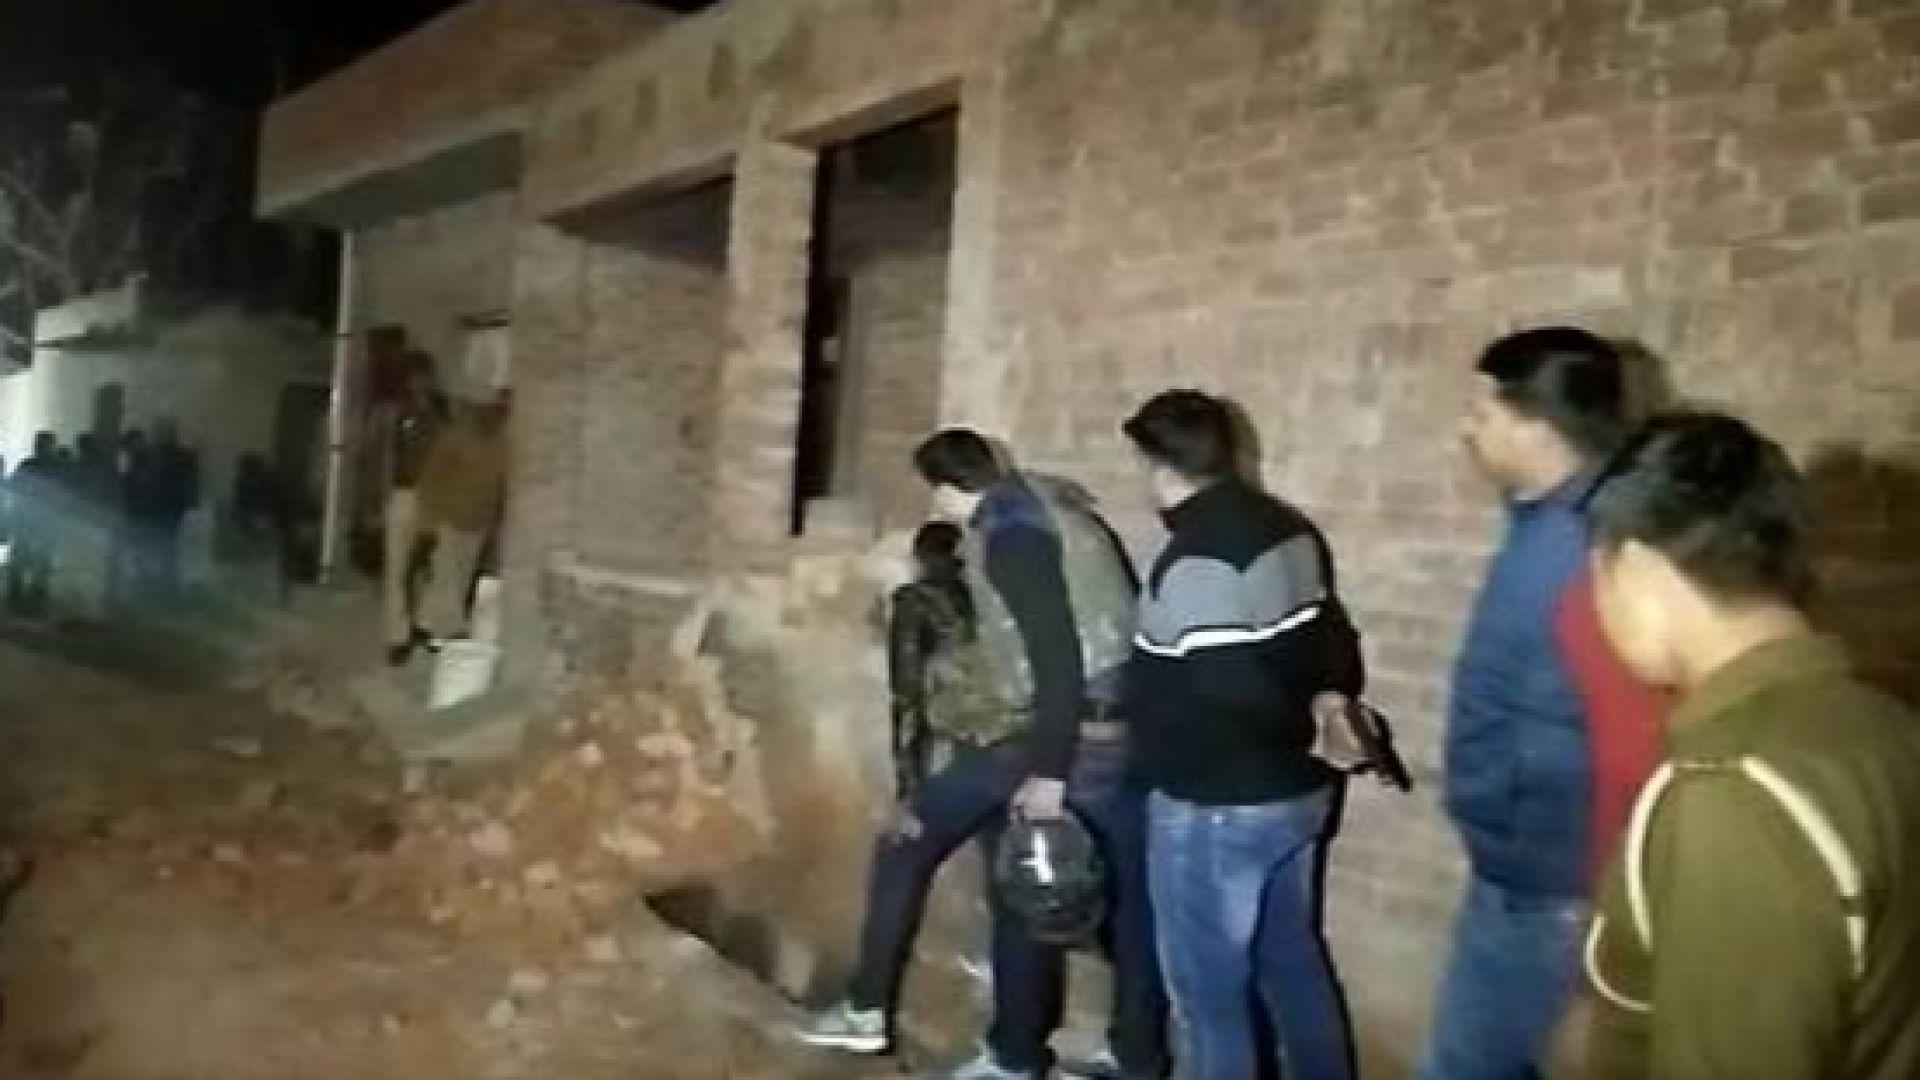 Застреляха похитител, взел 23 деца в Индия за заложници (видео)